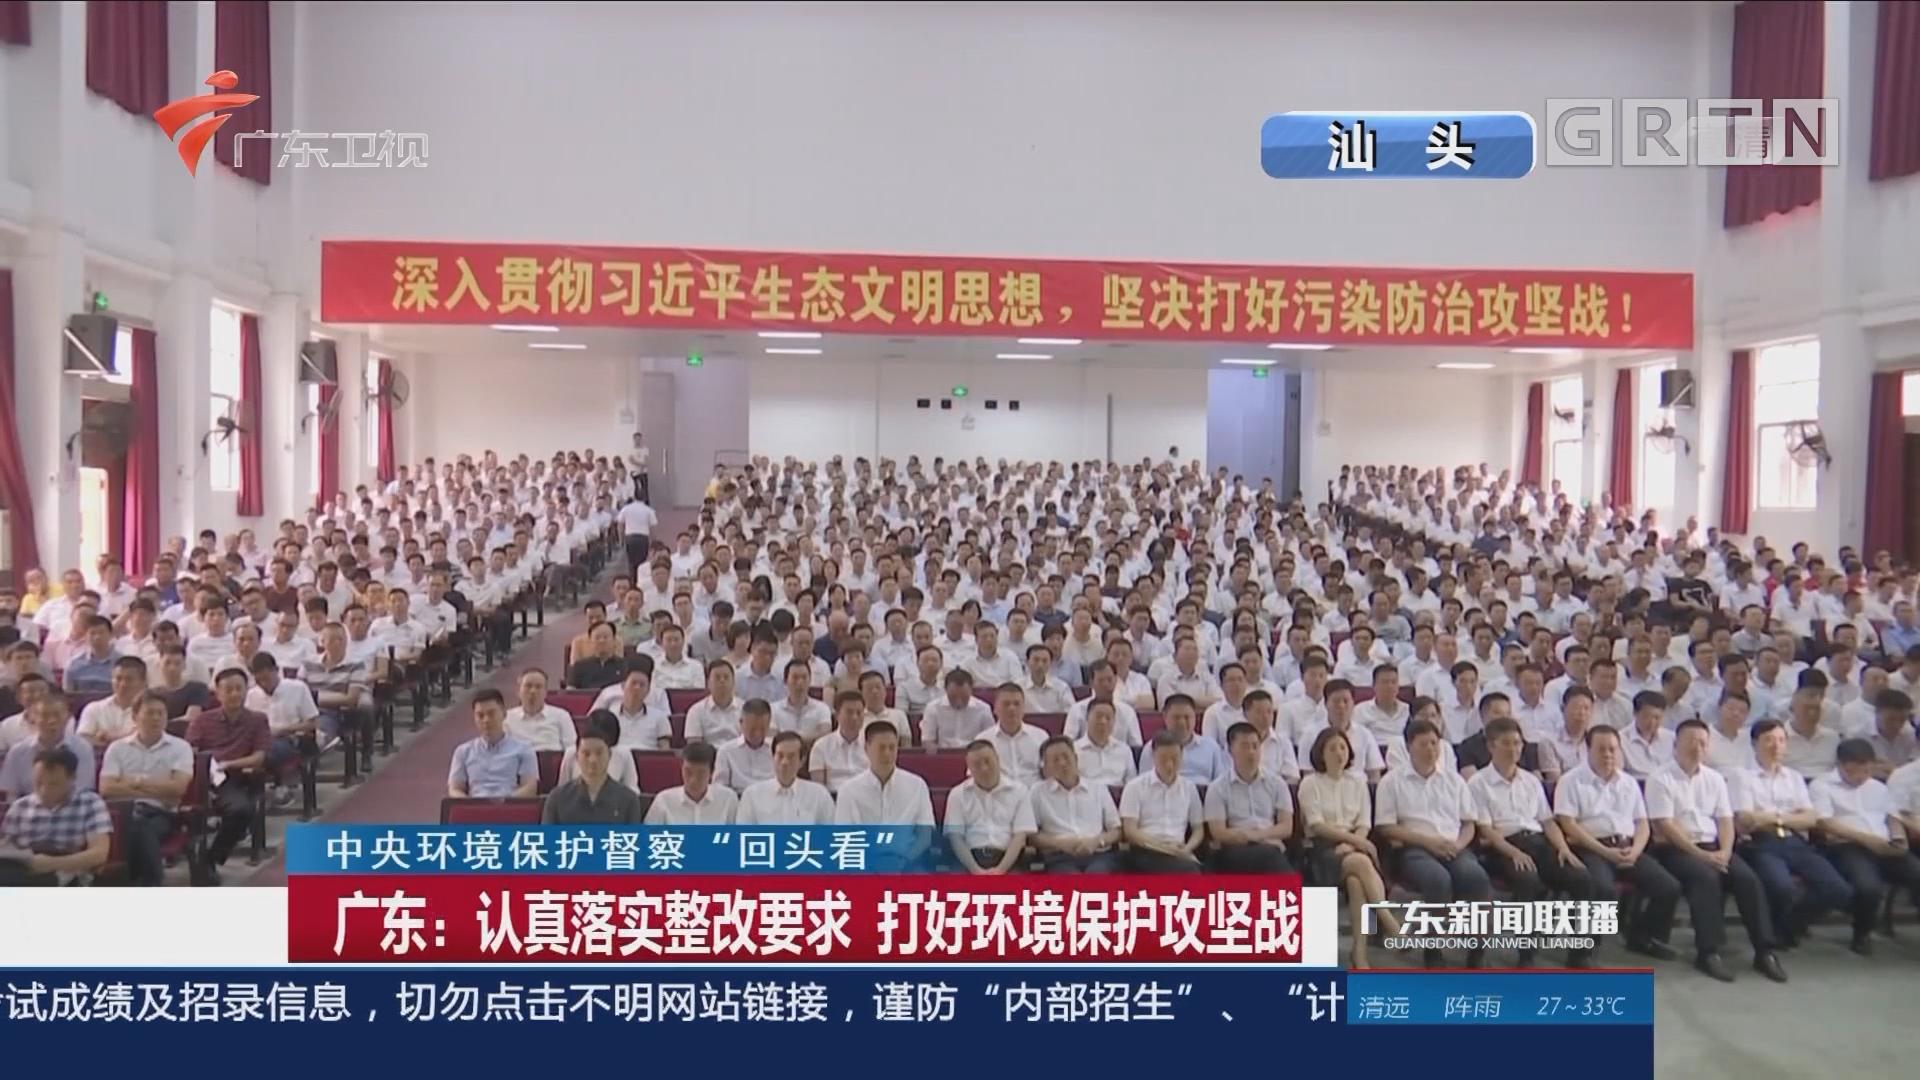 广东:认真落实整改要求 打好环境保护攻坚战